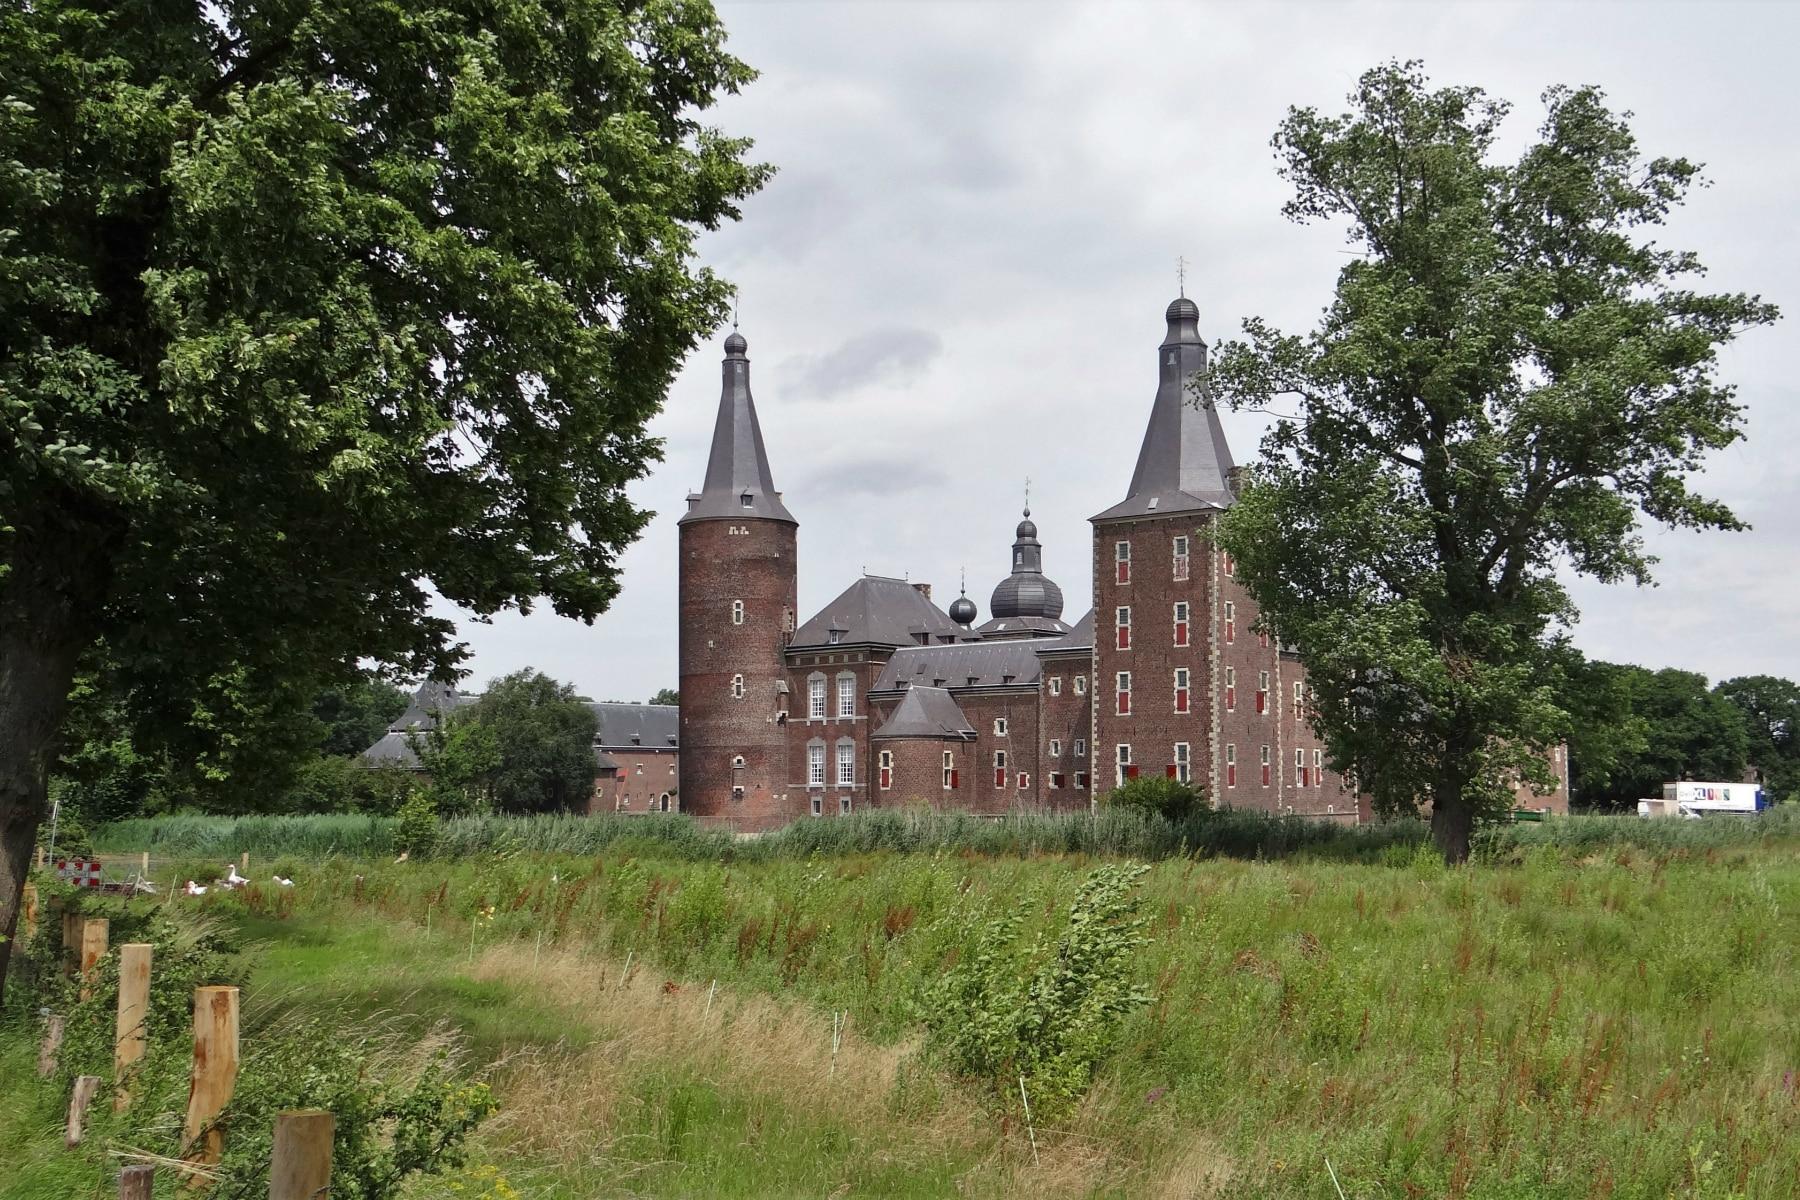 Kasteel Hoensbroek, Hoensbroek (Nederland)